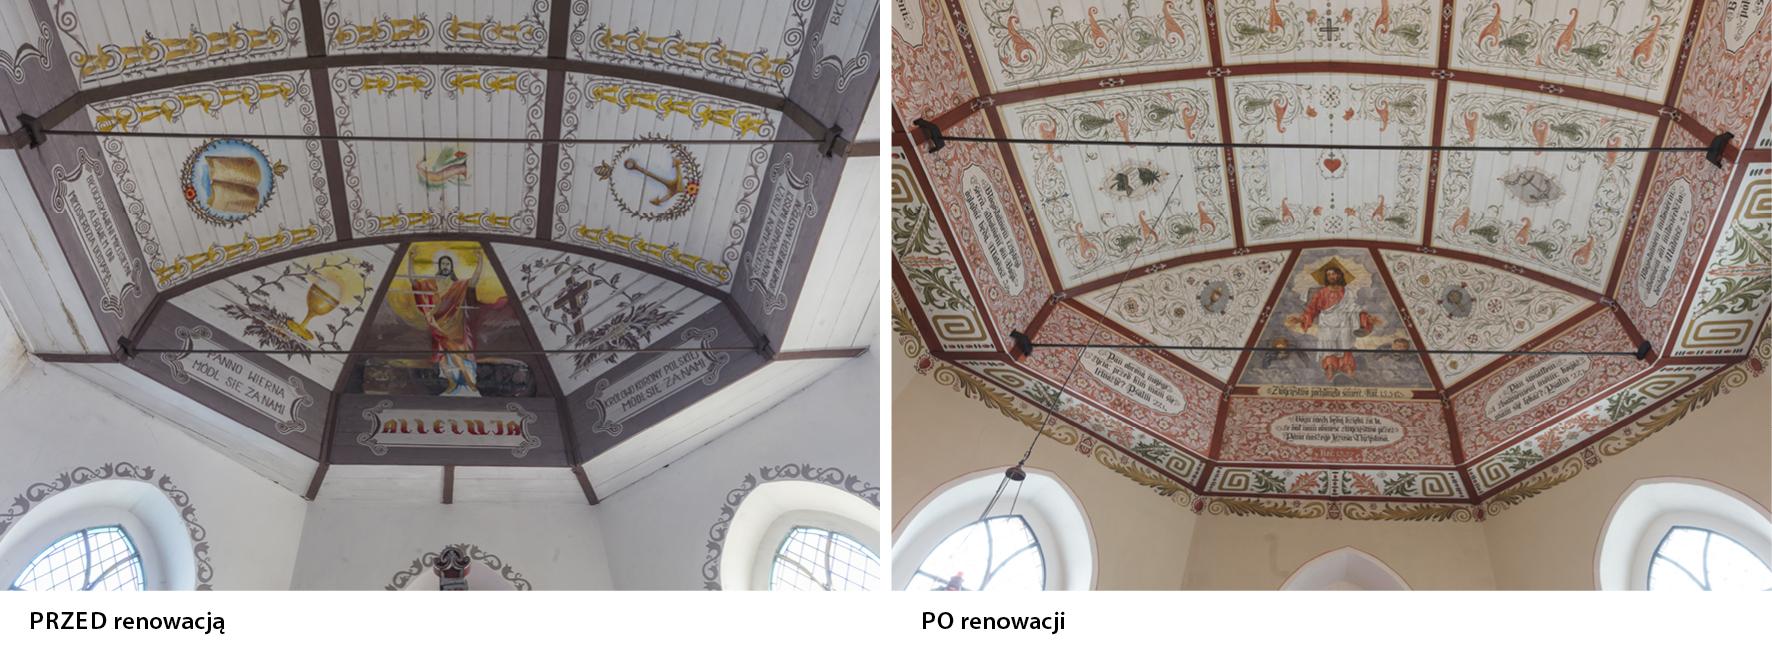 przed_po_renowacji_1922